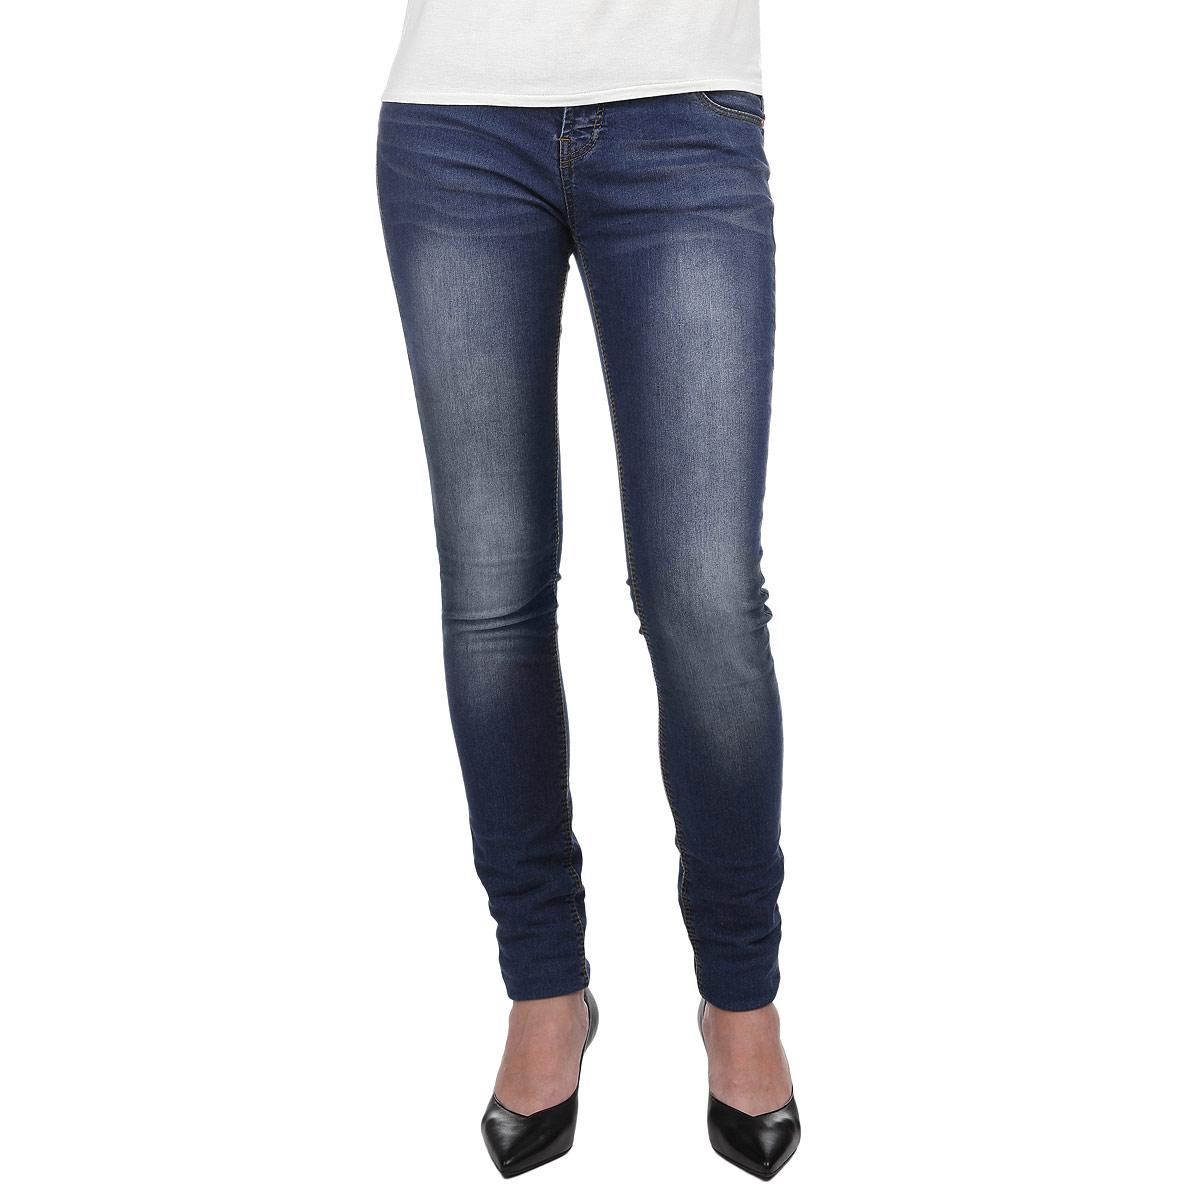 Джинсы женские. 1015217410152174 L34Стильные женские джинсы Broadway Jane созданы специально для того, чтобы подчеркивать достоинства вашей фигуры. Модель зауженного кроя и заниженной посадки станет отличным дополнением к вашему современному образу. Джинсы застегиваются на пуговицу в поясе и ширинку на застежке-молнии, имеются шлевки для ремня. Джинсы имеют классический пятикарманный крой: спереди модель оформлена двумя втачными карманами и одним маленьким накладным кармашком, а сзади - двумя накладными карманами. Эти модные и в тоже время комфортные джинсы послужат отличным дополнением к вашему гардеробу.